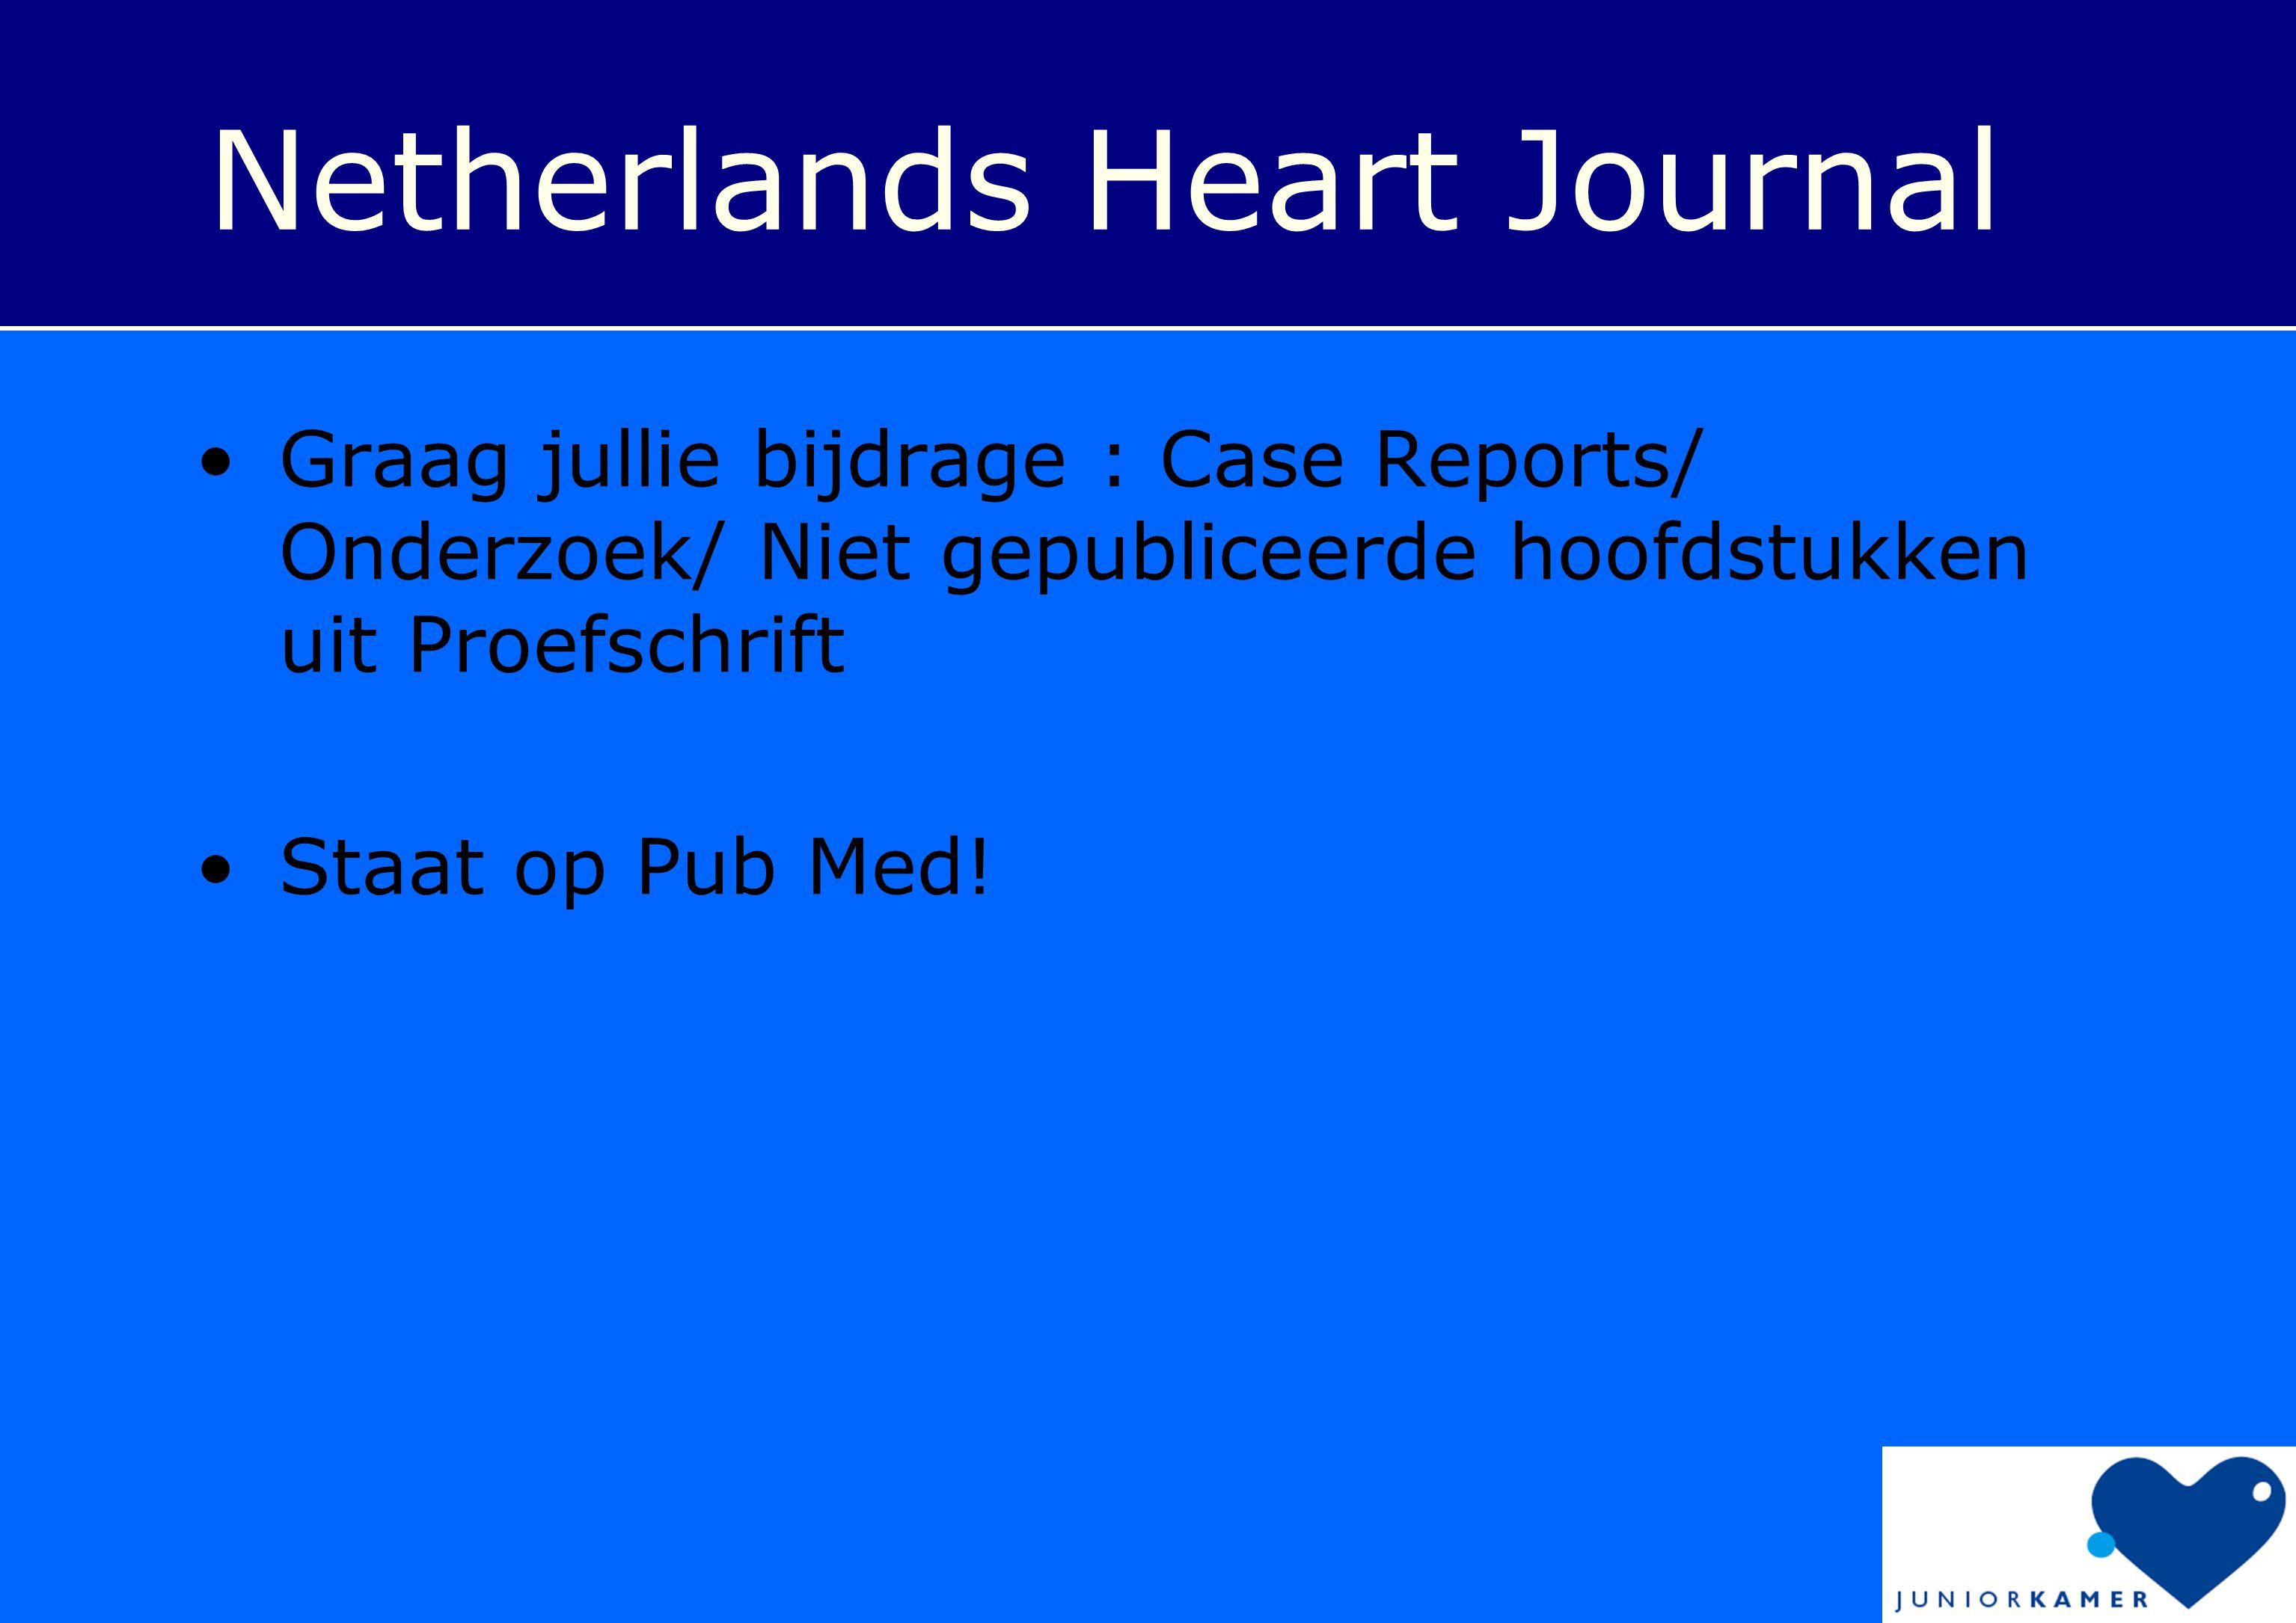 Netherlands Heart Journal •Graag jullie bijdrage : Case Reports/ Onderzoek/ Niet gepubliceerde hoofdstukken uit Proefschrift •Staat op Pub Med!